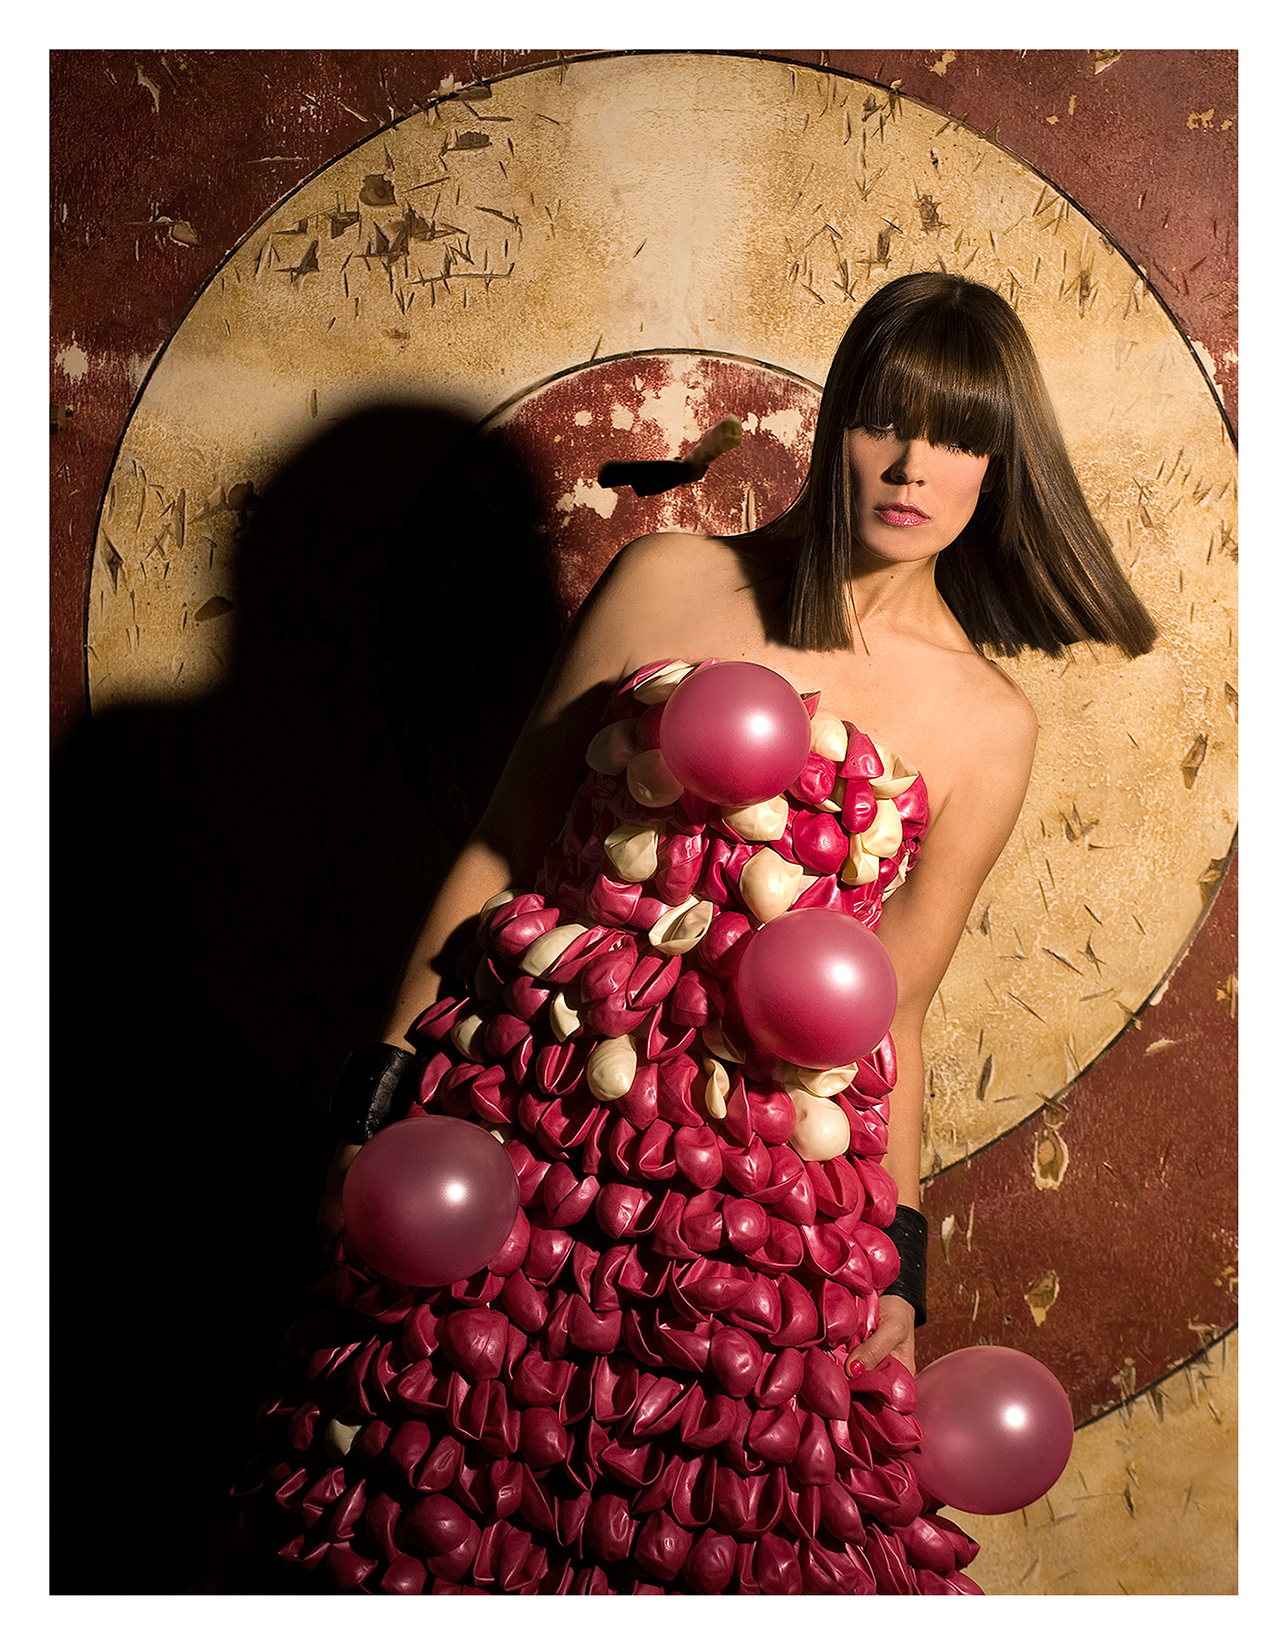 Lauren Lyons in one of her own photos.